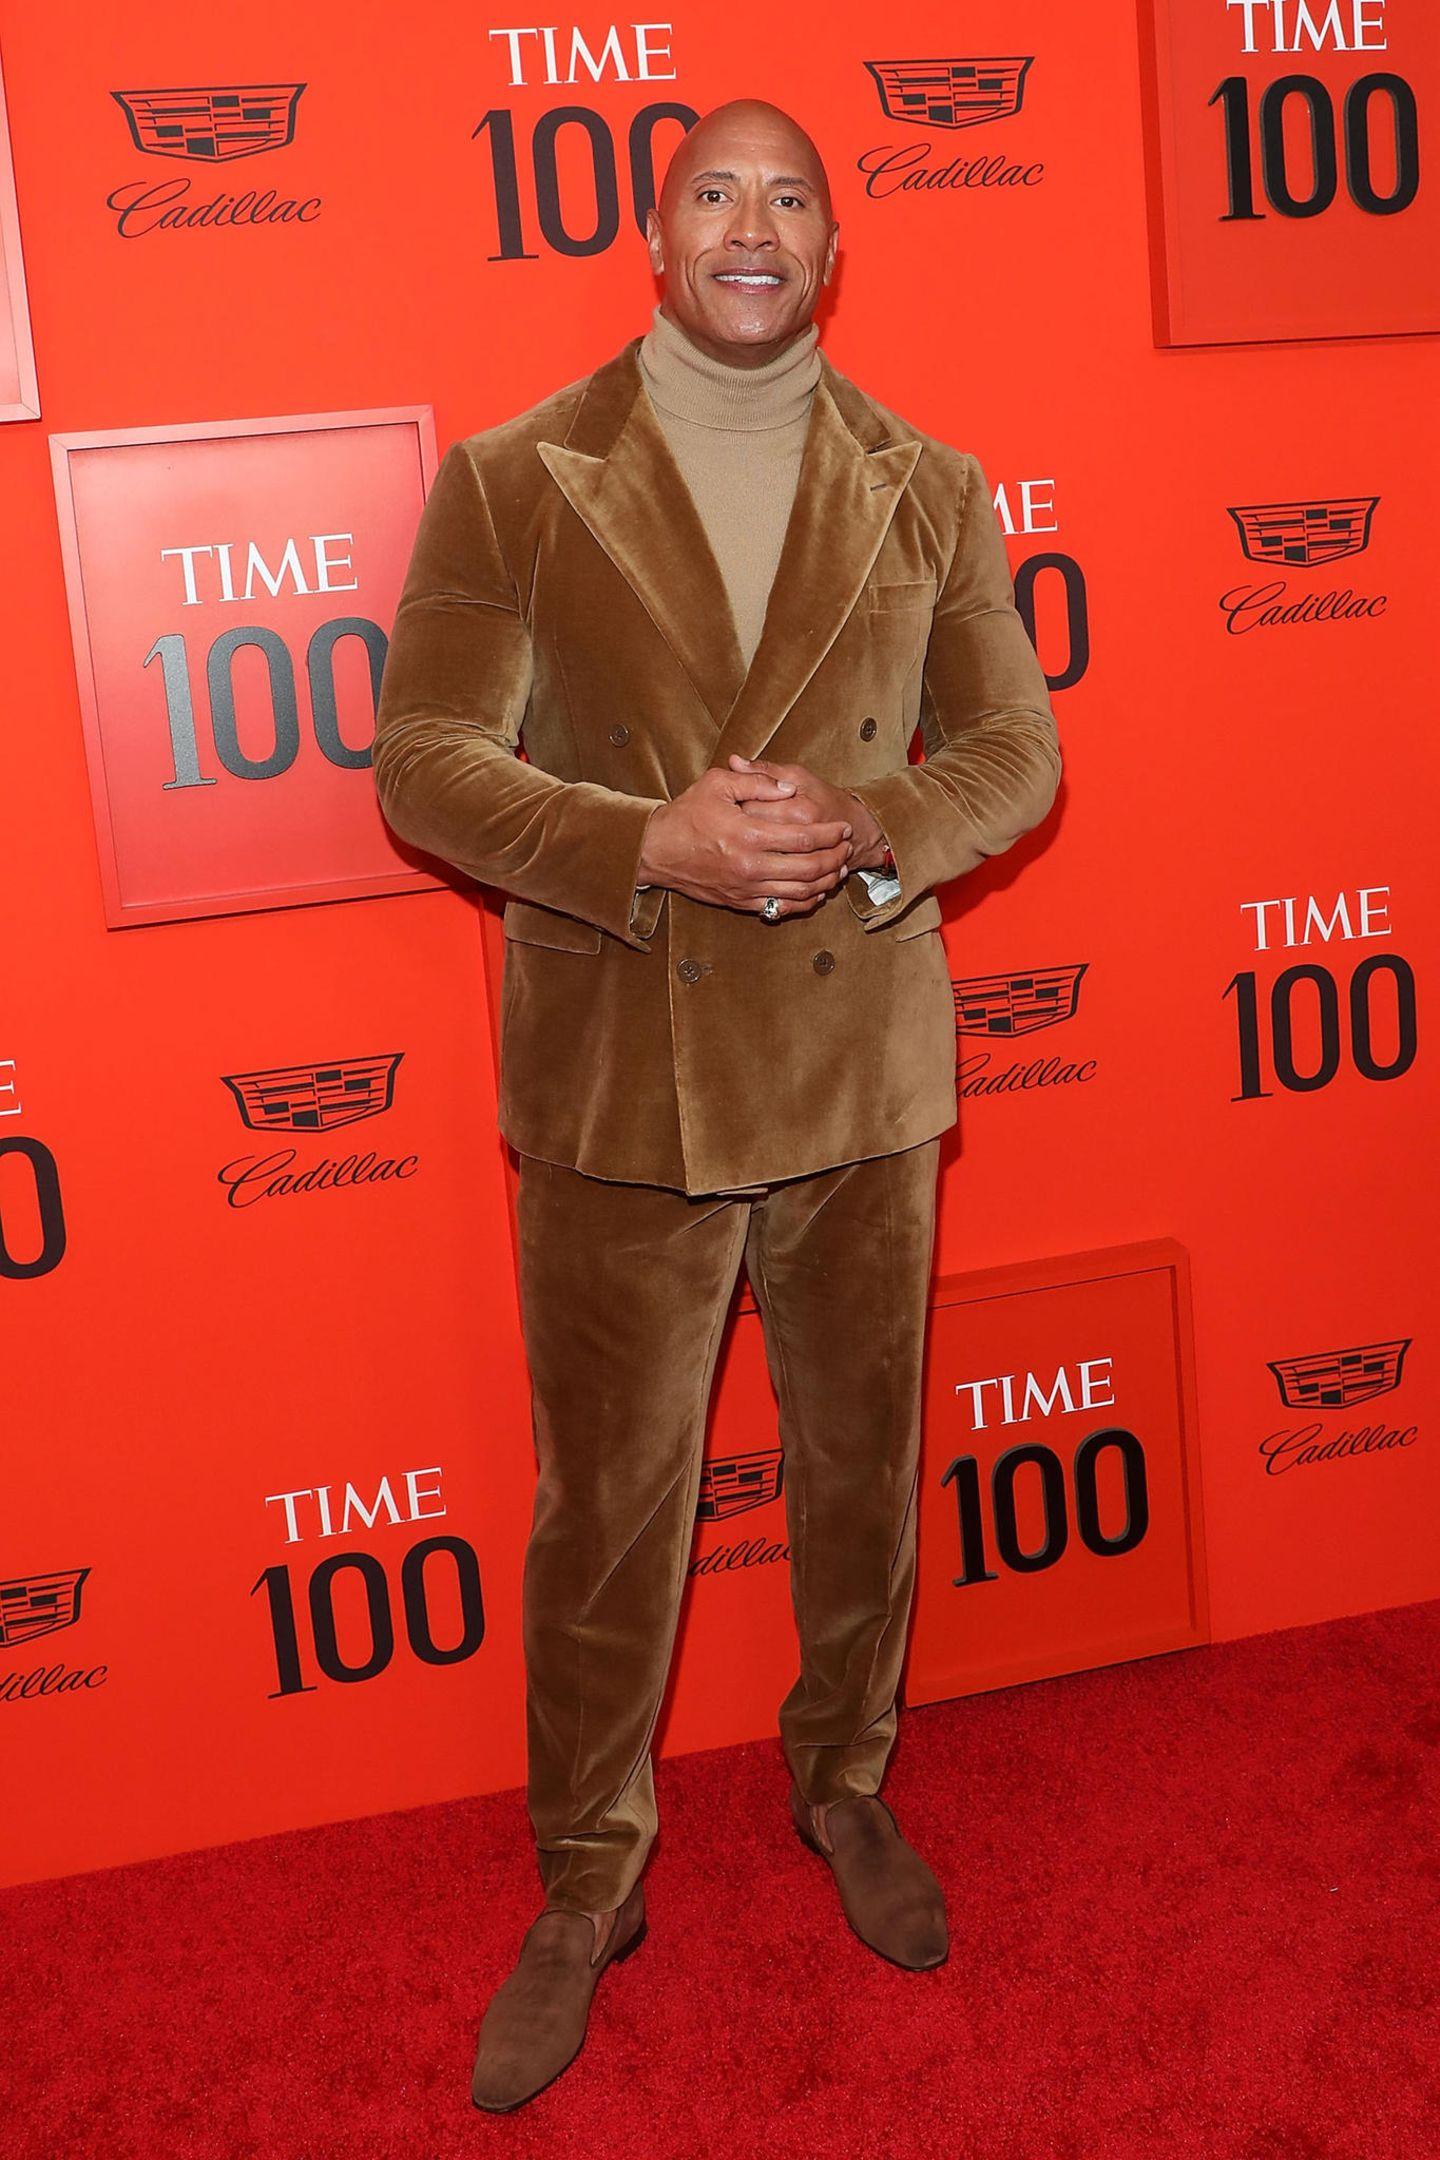 """Dwayne """"The Rock"""" Johnson scheint eine Zeitreise in die Siebziger Jahre gemacht zu haben. Anders lässt sich sein haselnussbrauner Cord-Anzug wirklich nicht erklären."""